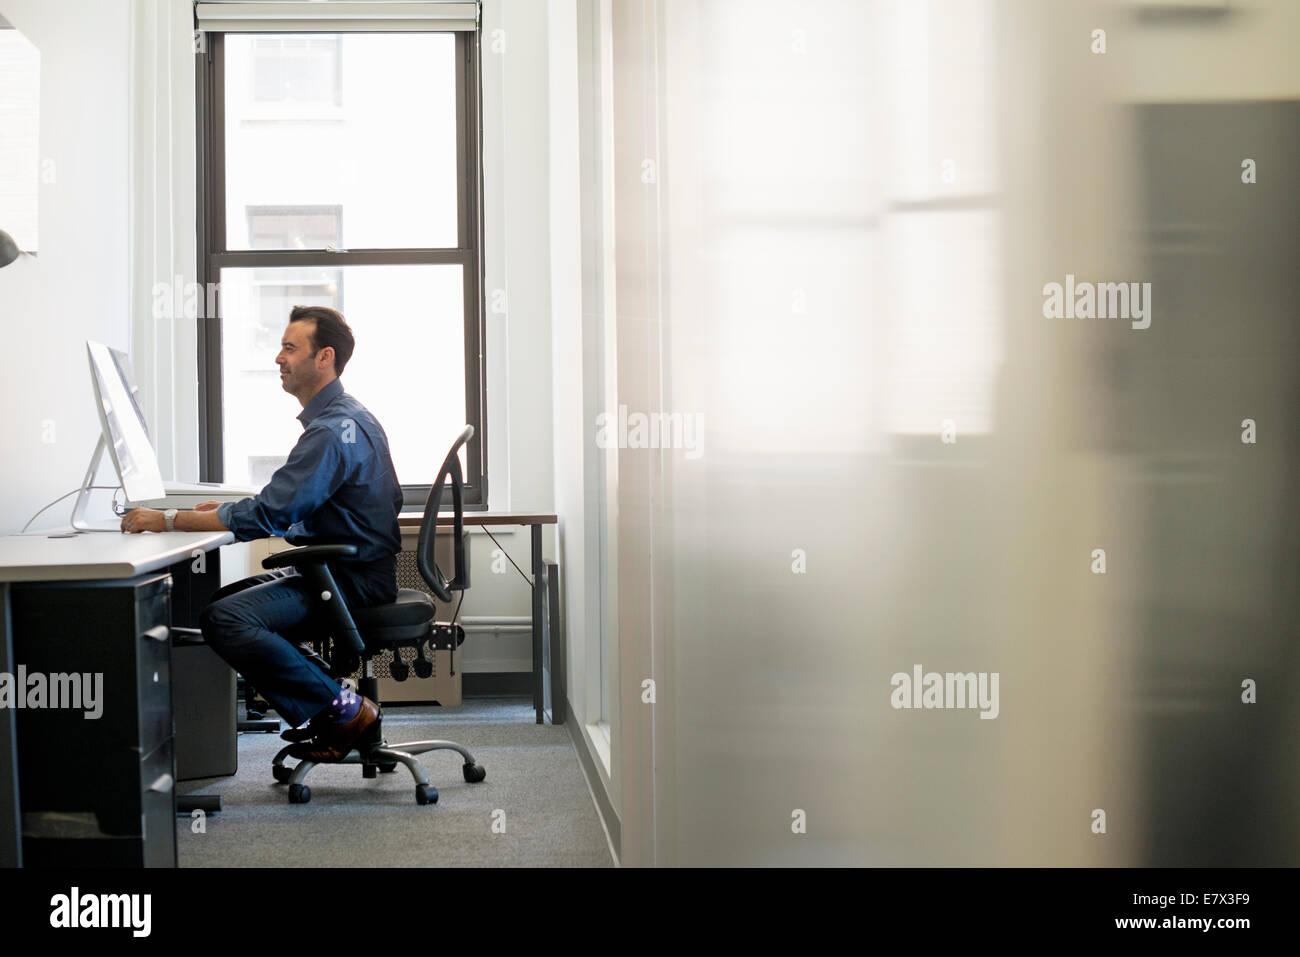 Vida de oficina. Un hombre en ropa informal sentado en una mesa mirando una pantalla de ordenador. Imagen De Stock